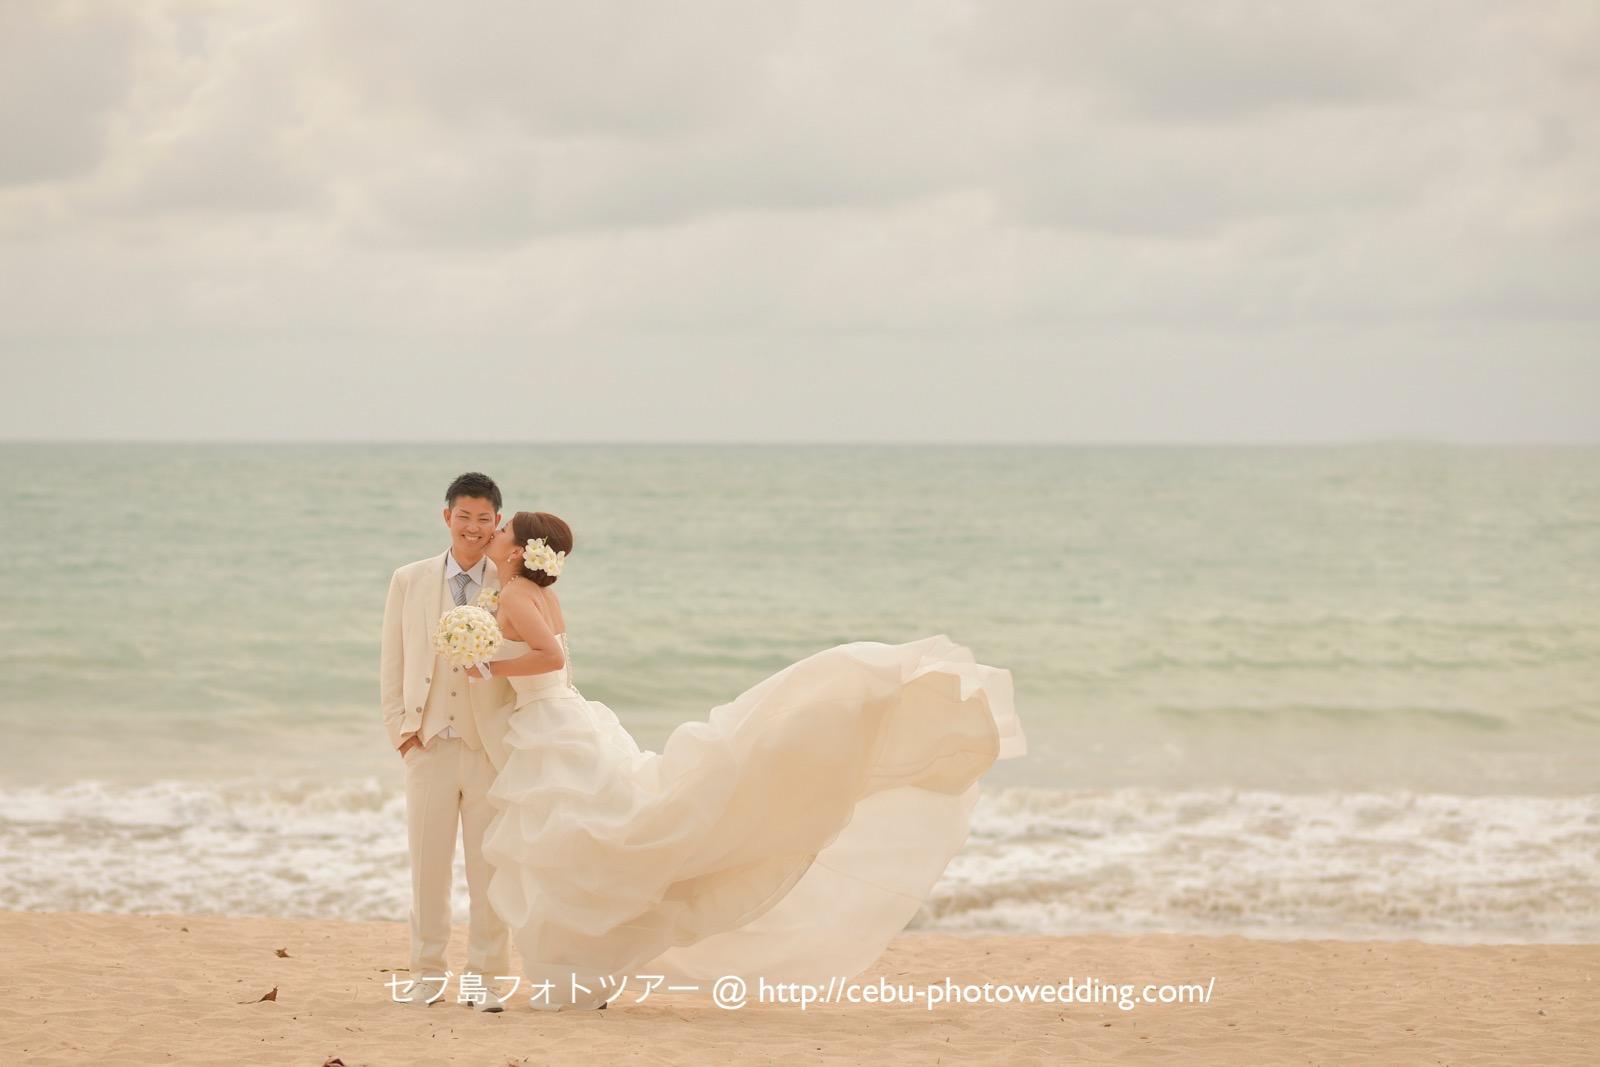 バリ島ビーチフォト ドレスの裾なびかせショット